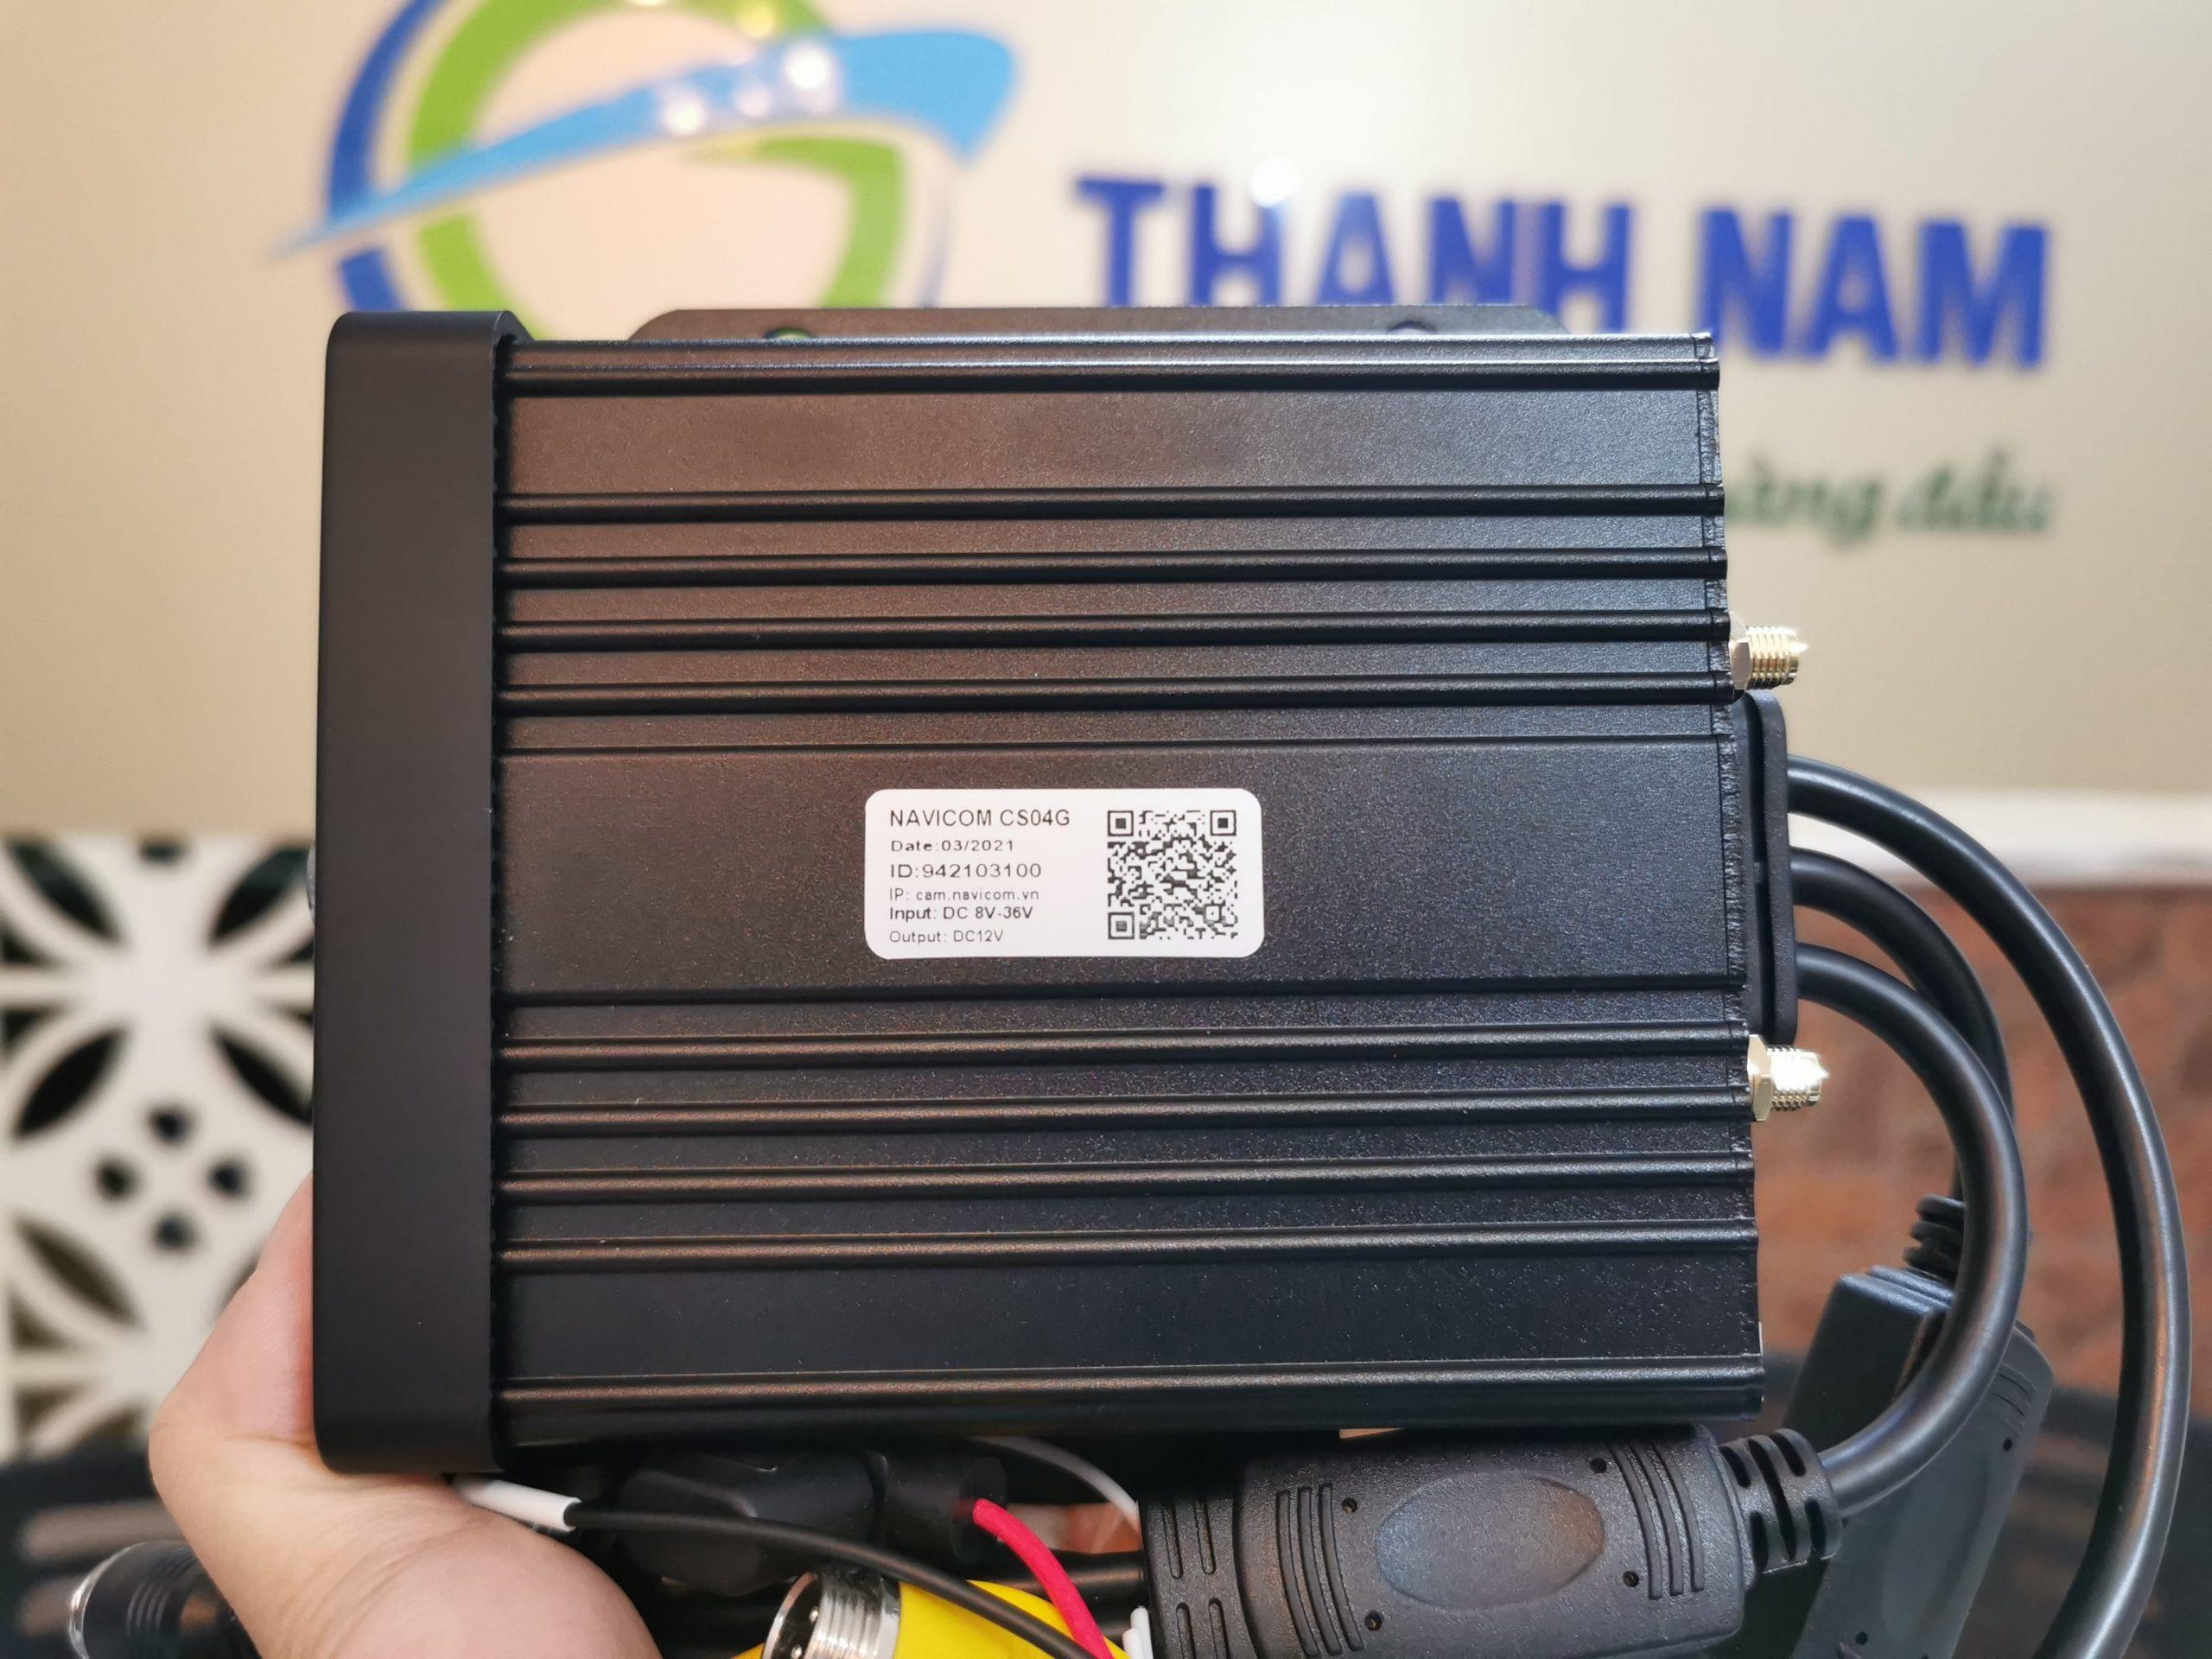 mua camera hành trình hợp qc nghị định 10 navicom cs04g